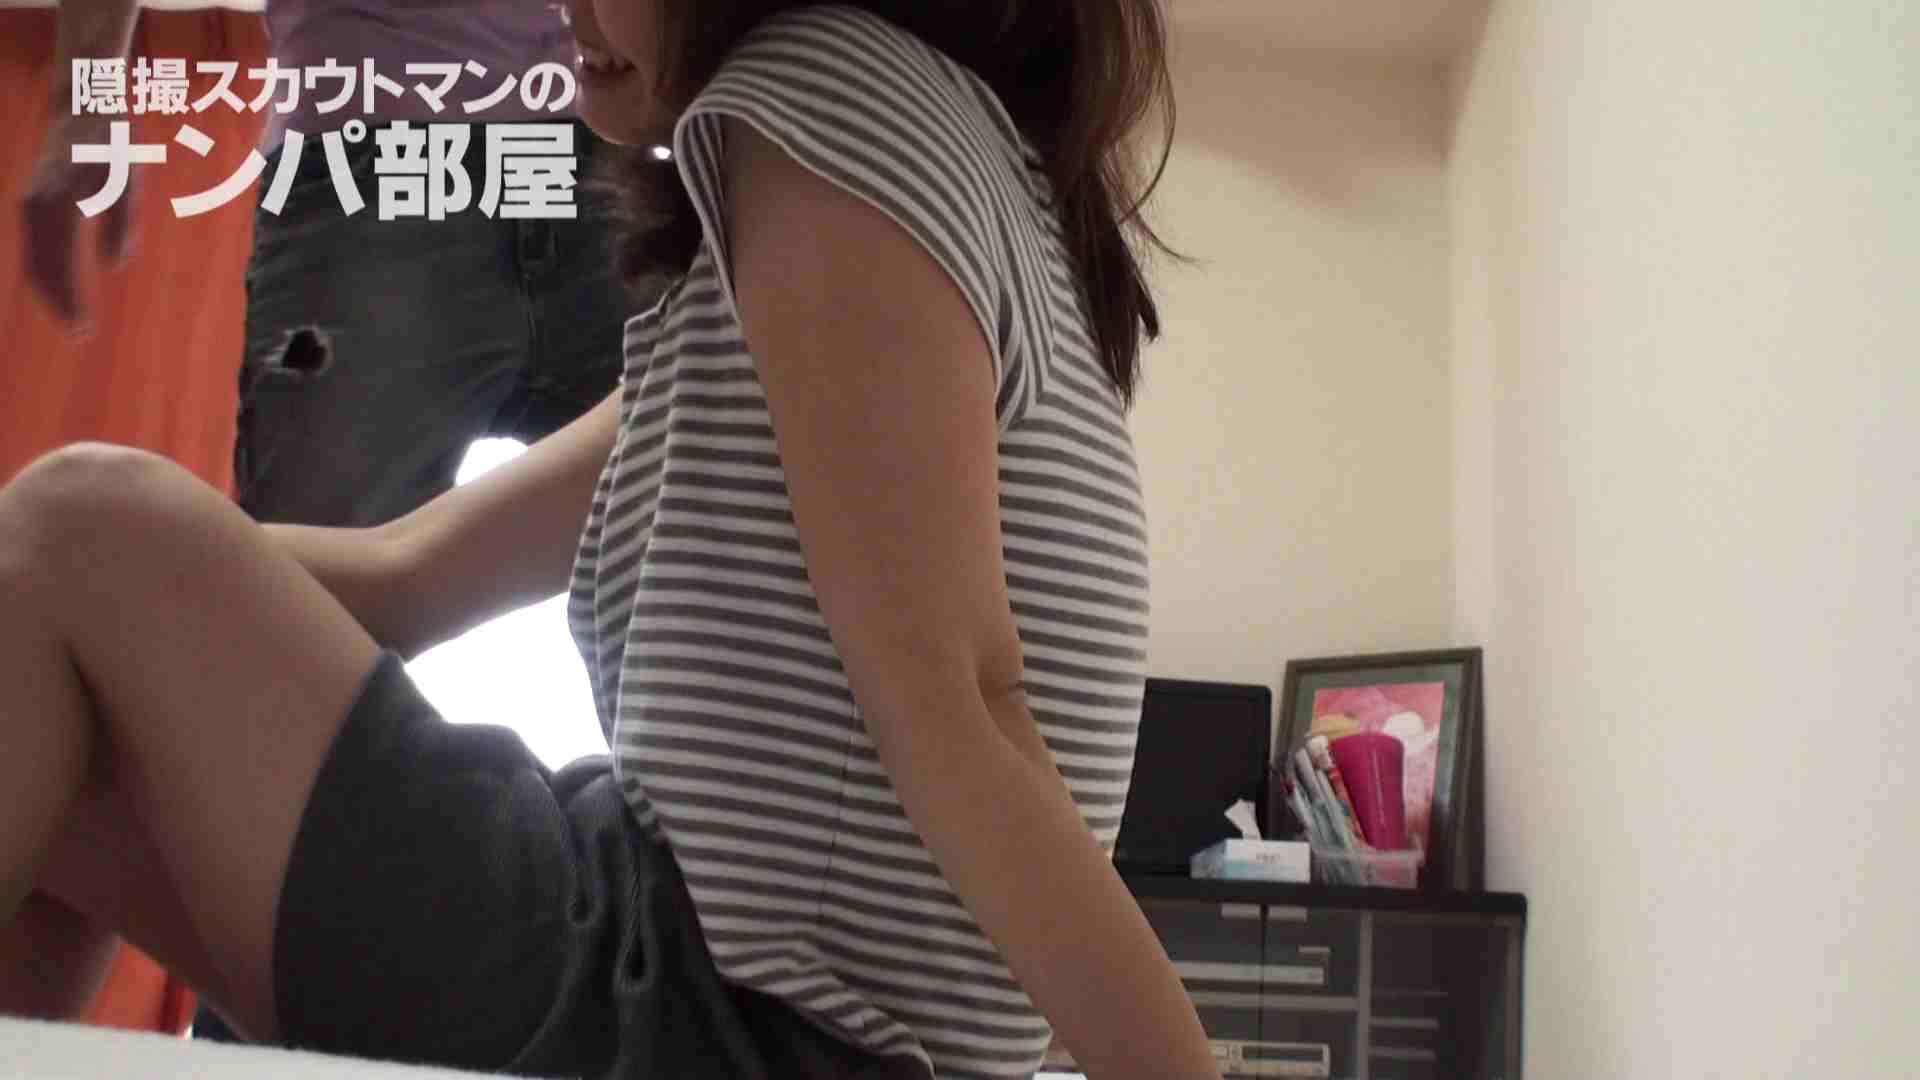 隠撮スカウトマンのナンパ部屋~風俗デビュー前のつまみ食い~ siivol.3 SEX  76pic 12